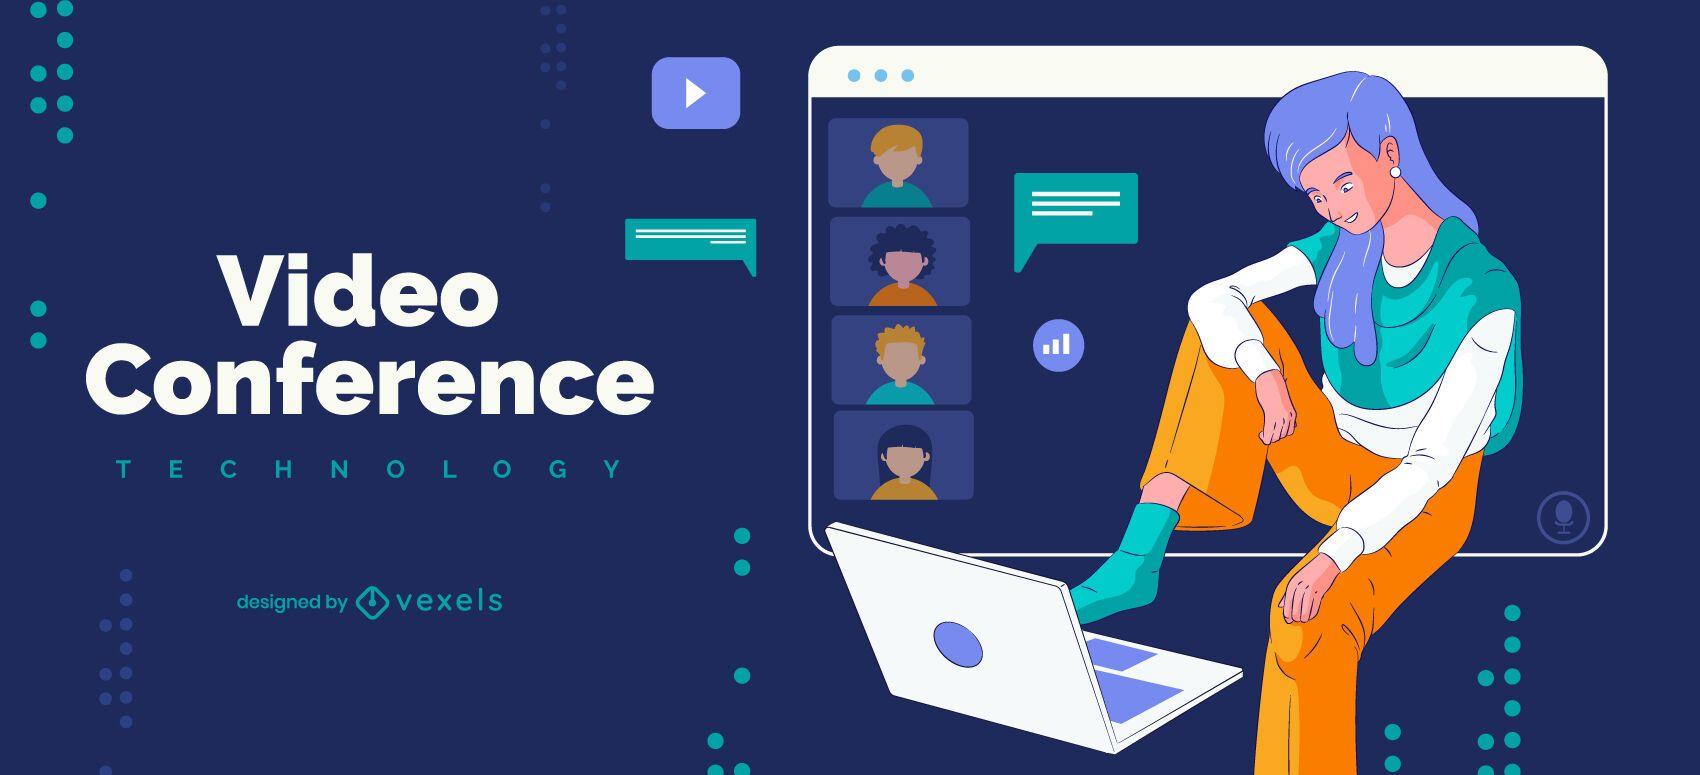 Video conference illustration design